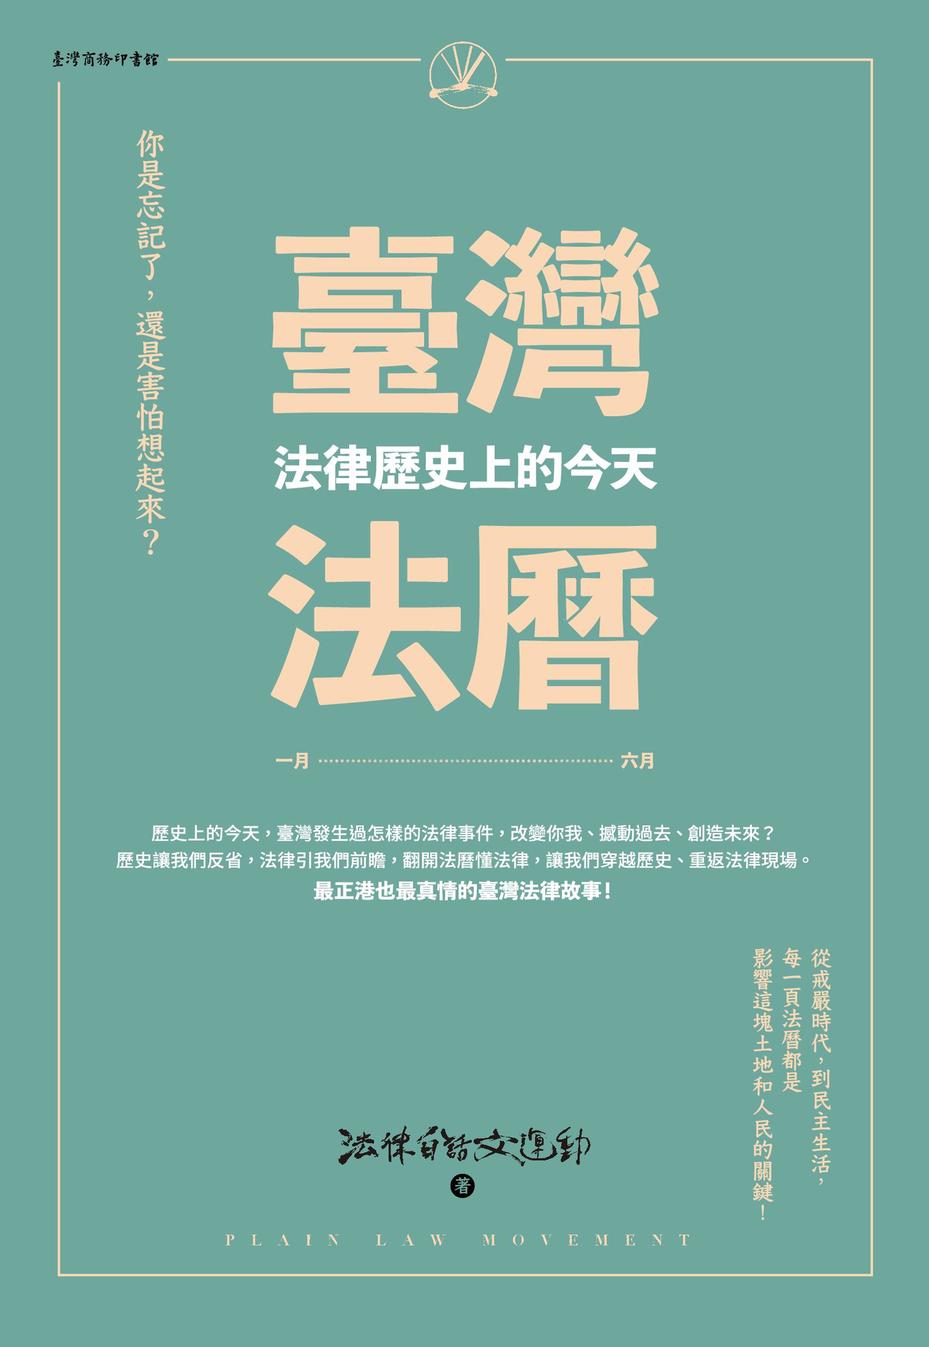 書名:《臺灣法曆:法律歷史上的今天(1-6月)》 作者:法律白話文運動 出版社:臺灣商務印書館 出版時間:2020年1月1日